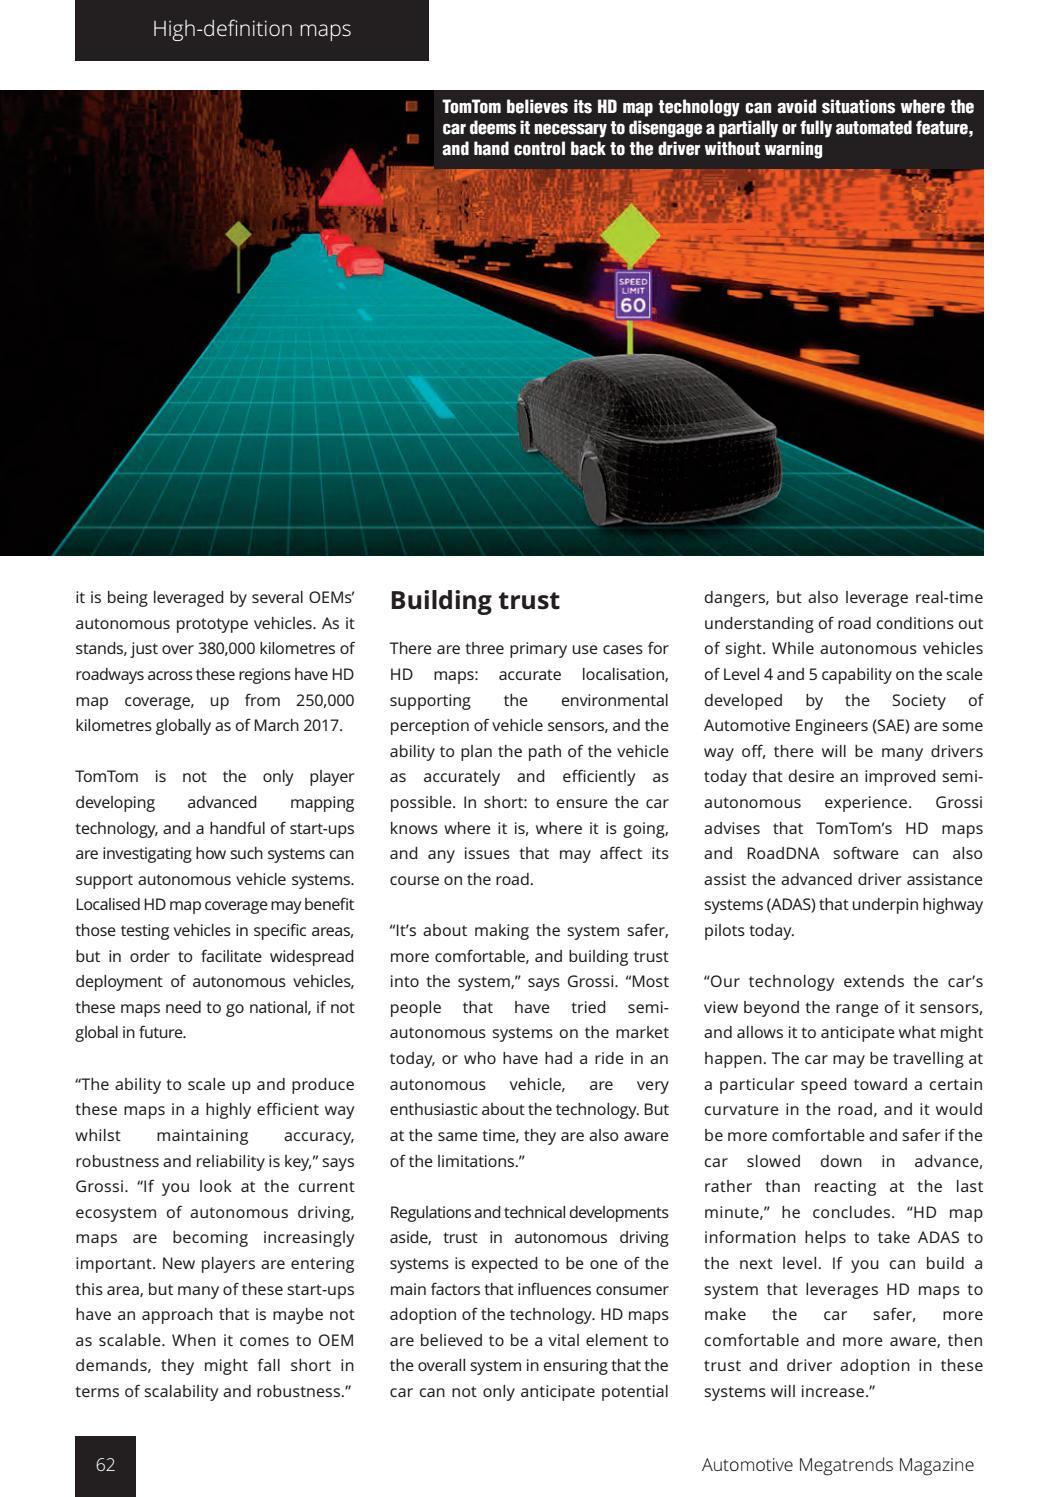 Automotive Megatrends Magazine - Q1 2018 by Automotive World